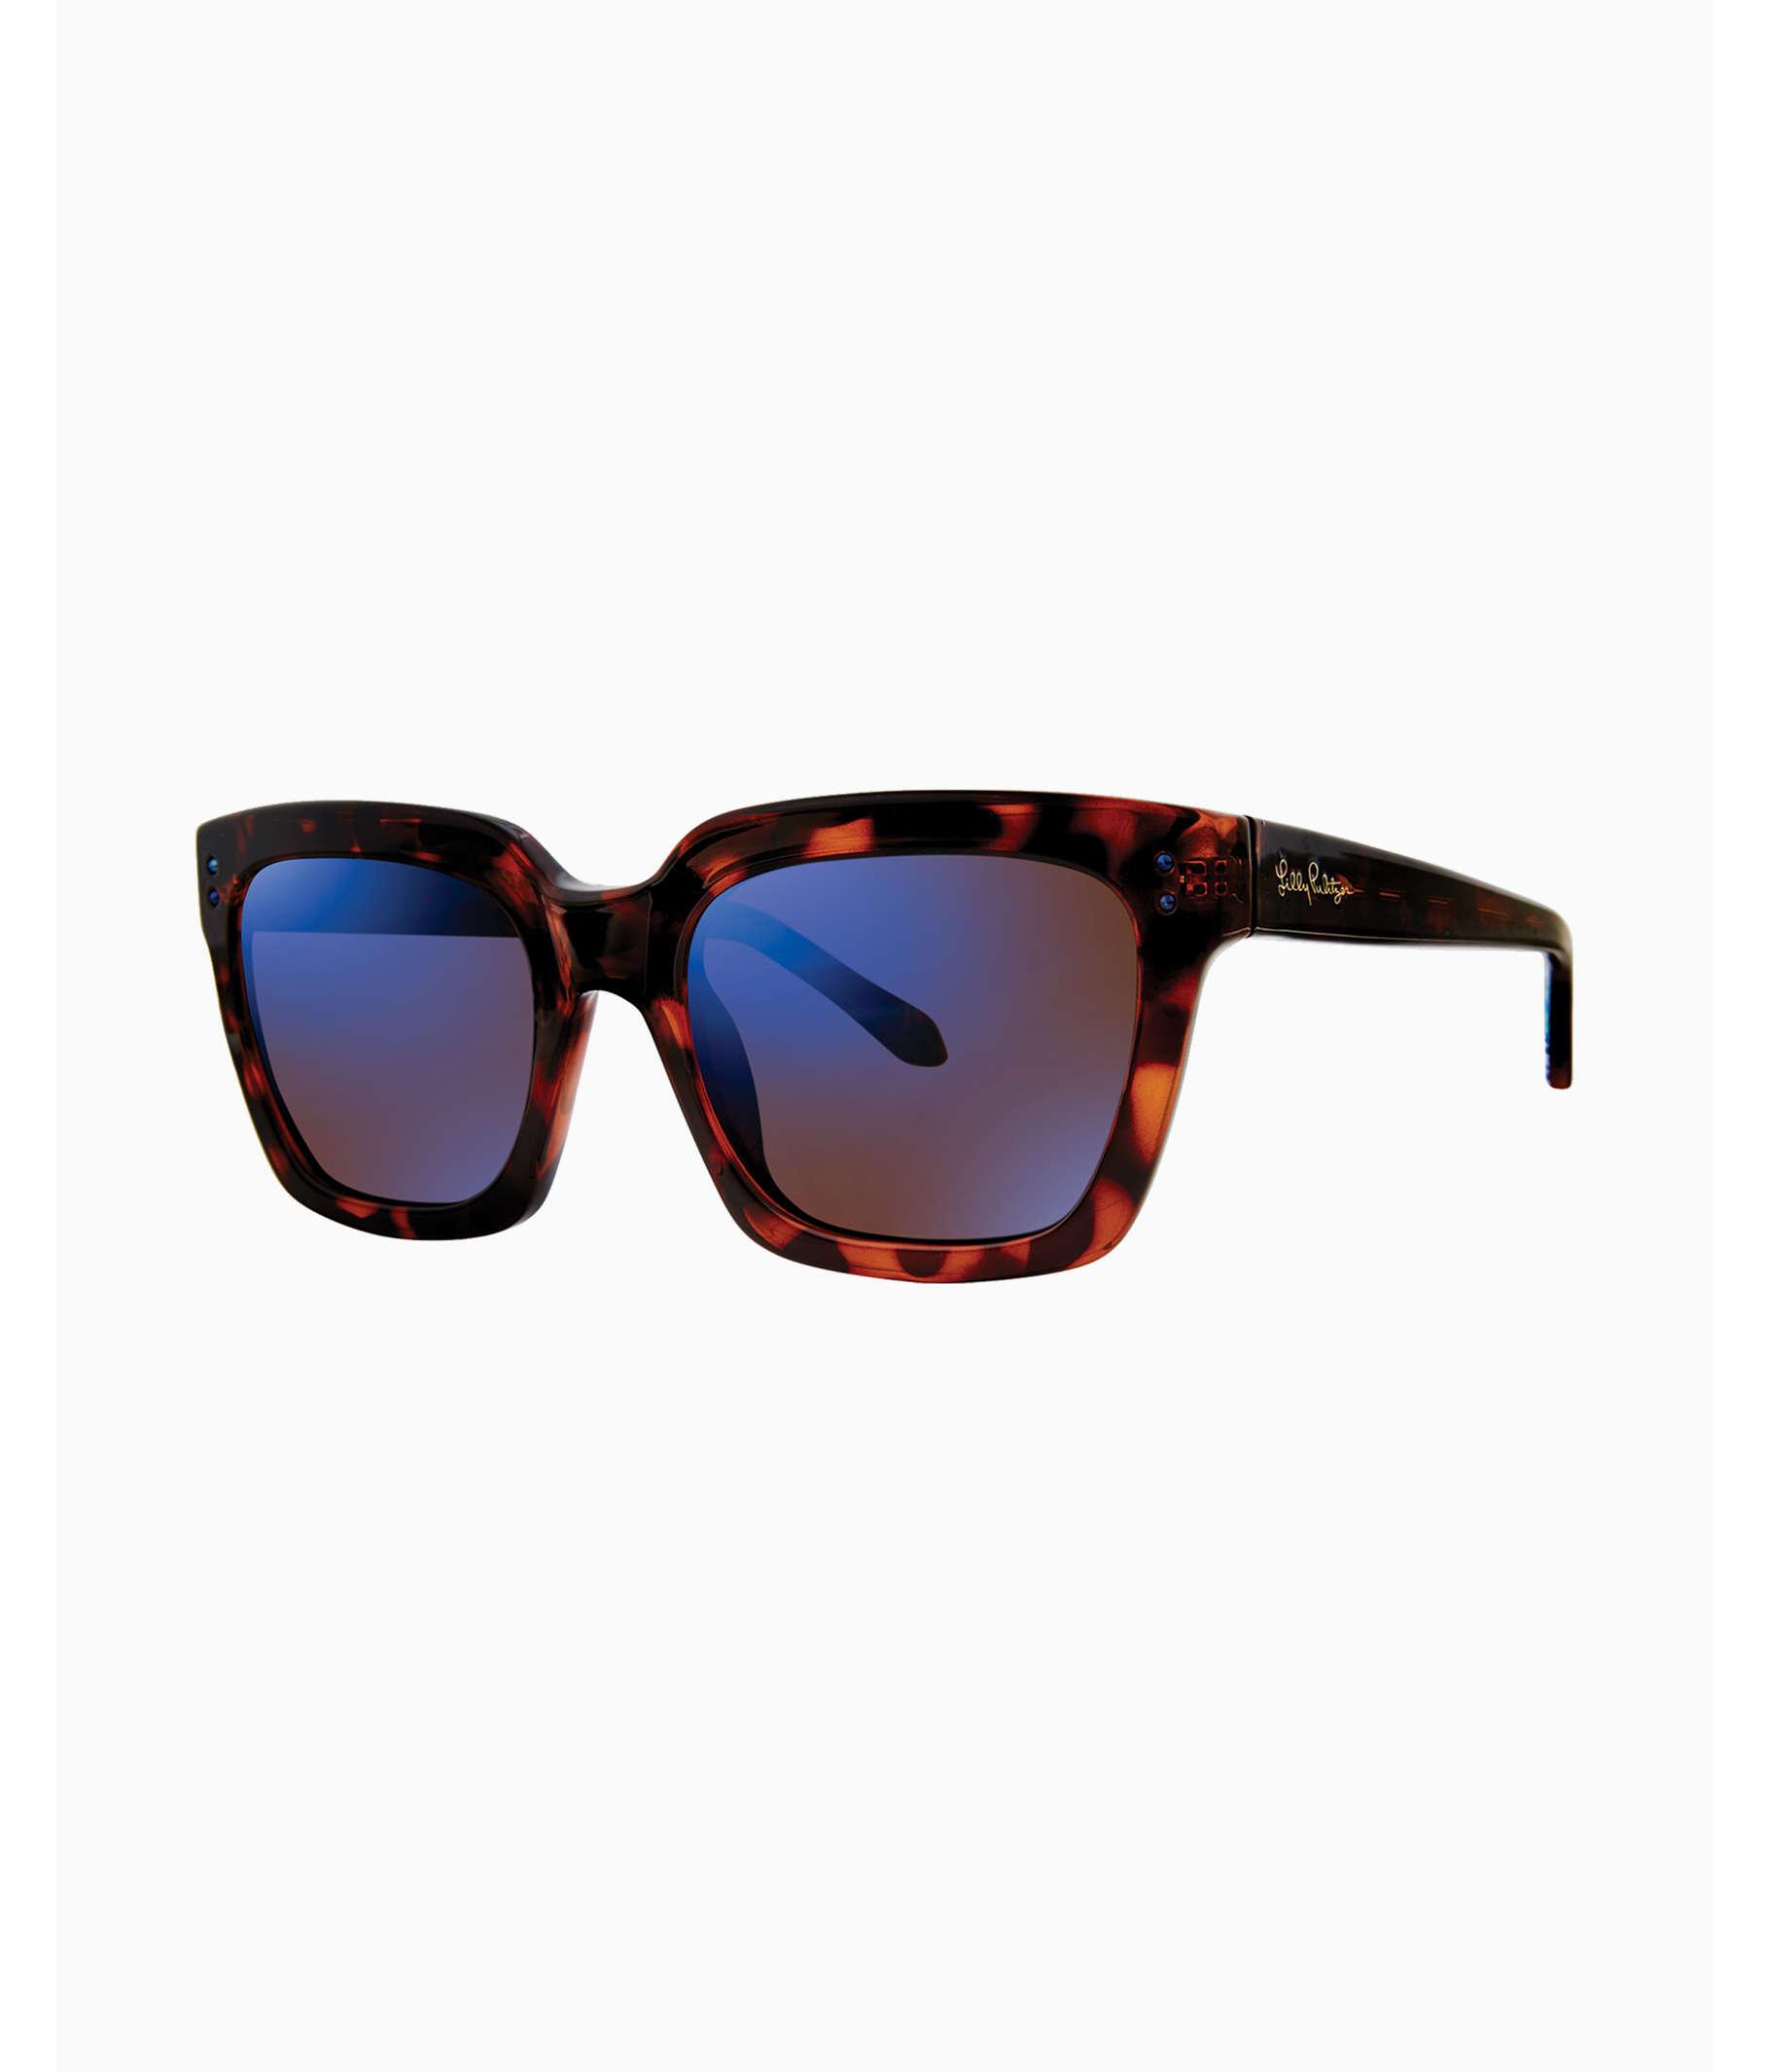 91ec2c4ab9b6 Celine Sunglasses, Dark Tortoise, large Zoom